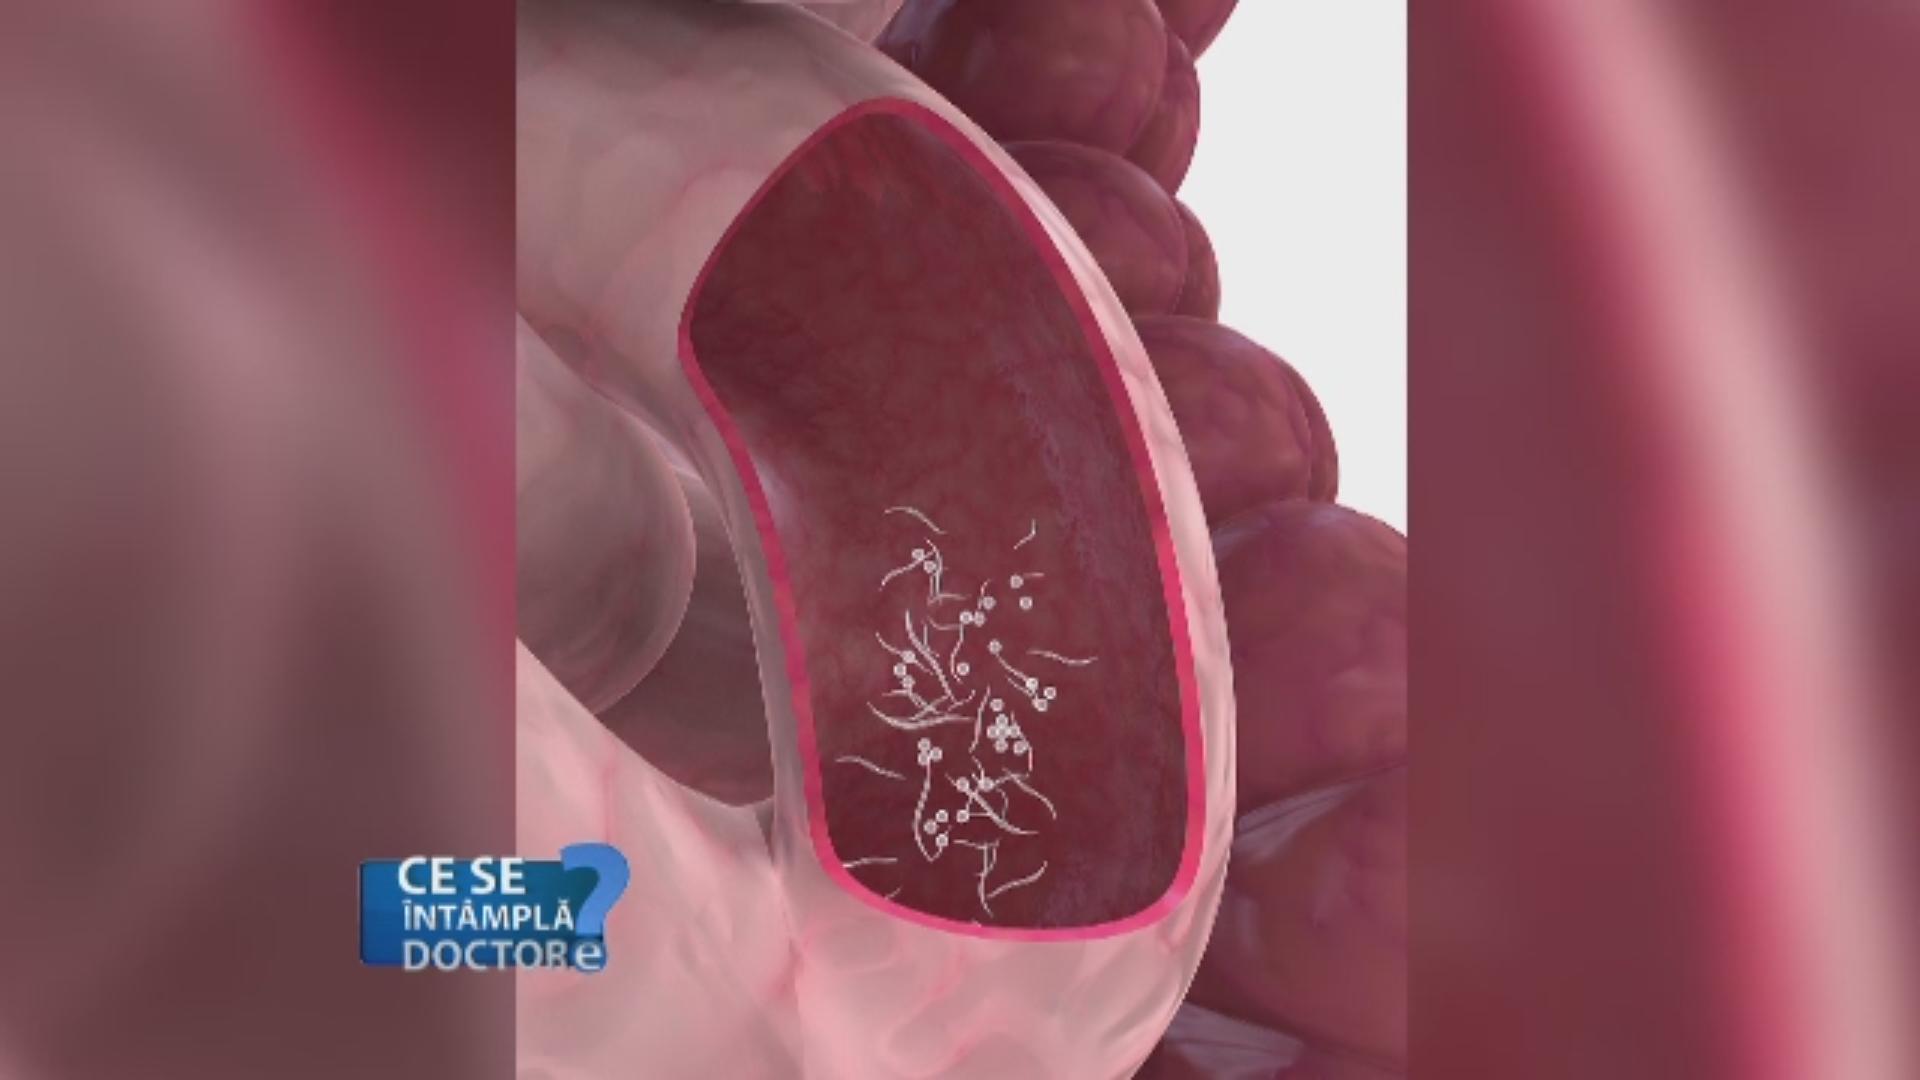 de la castri pentru prevenire papilloma vescicale recidiva